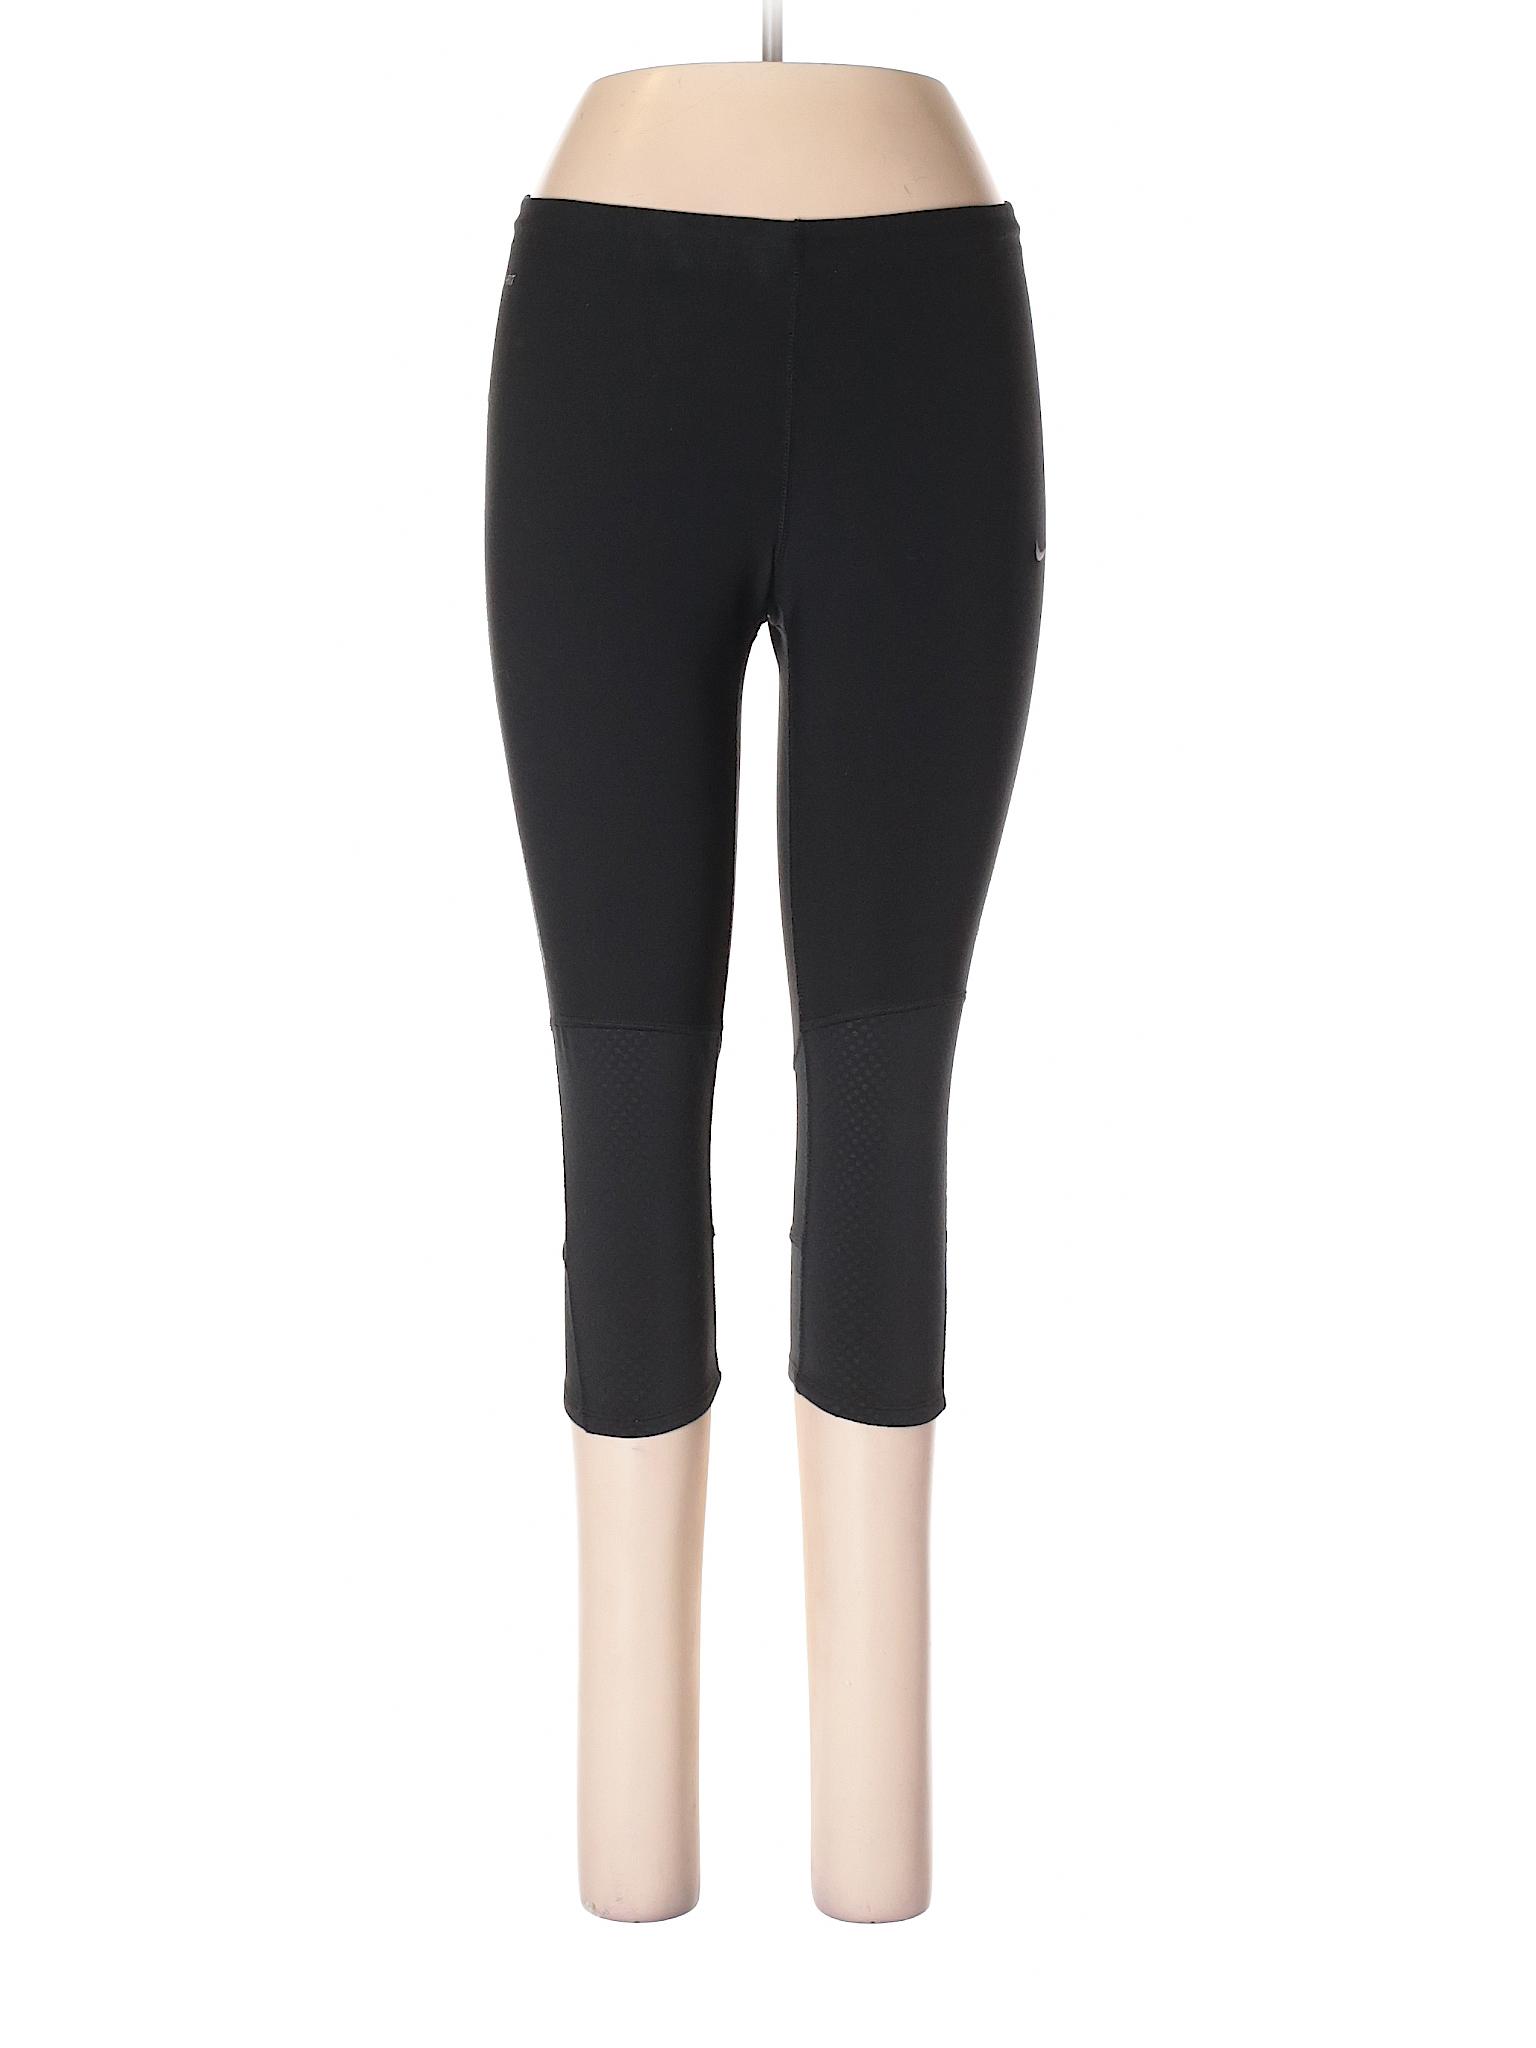 winter Boutique Active Boutique Pants Nike winter ERxqfpwxY